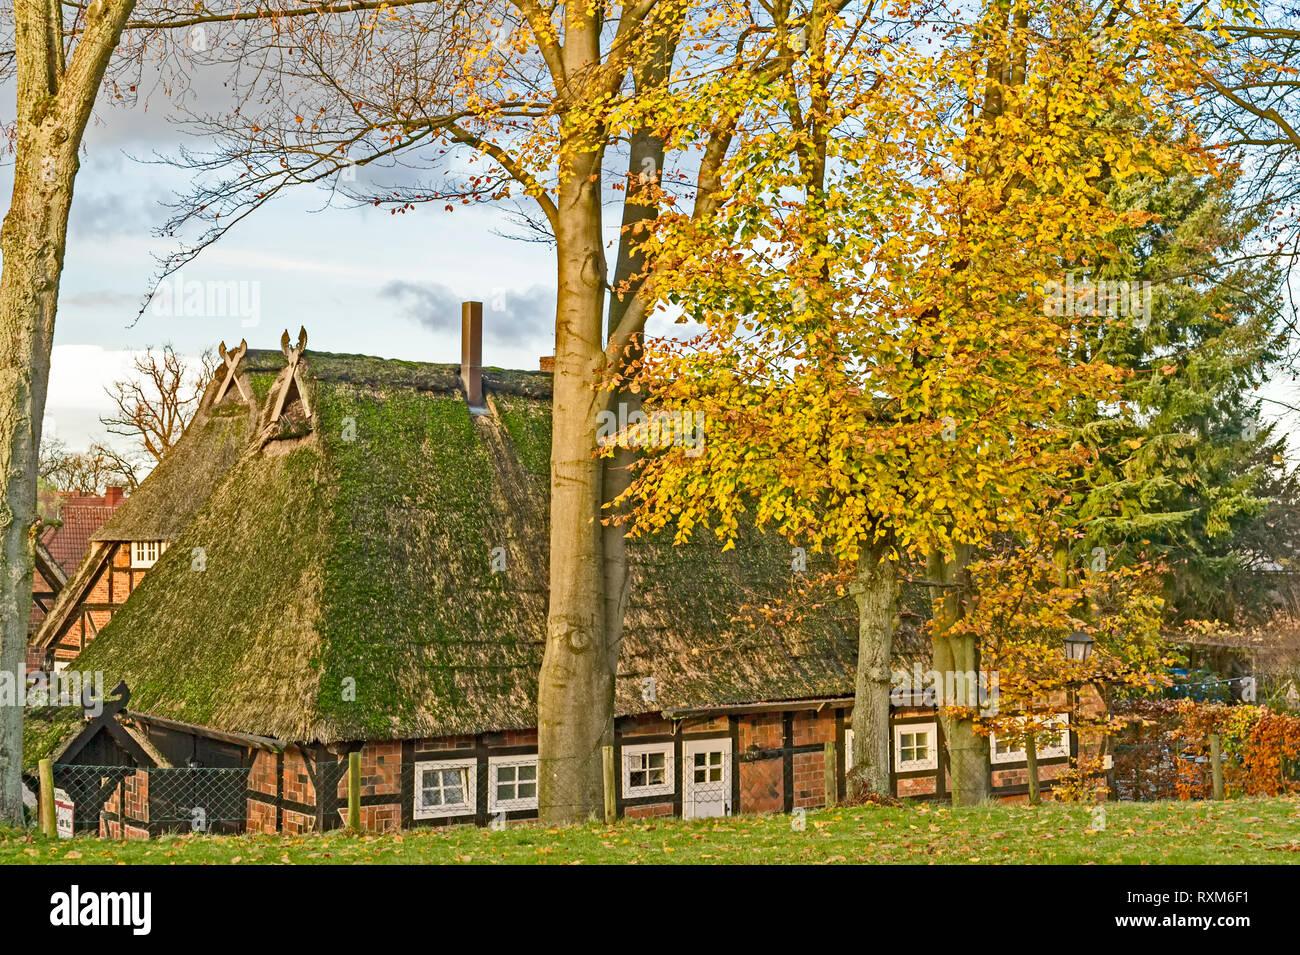 Farmhouse in Salzhausen (Lower Saxony); Bauernhof in Salzhausen (Niedersachsen - Stock Image